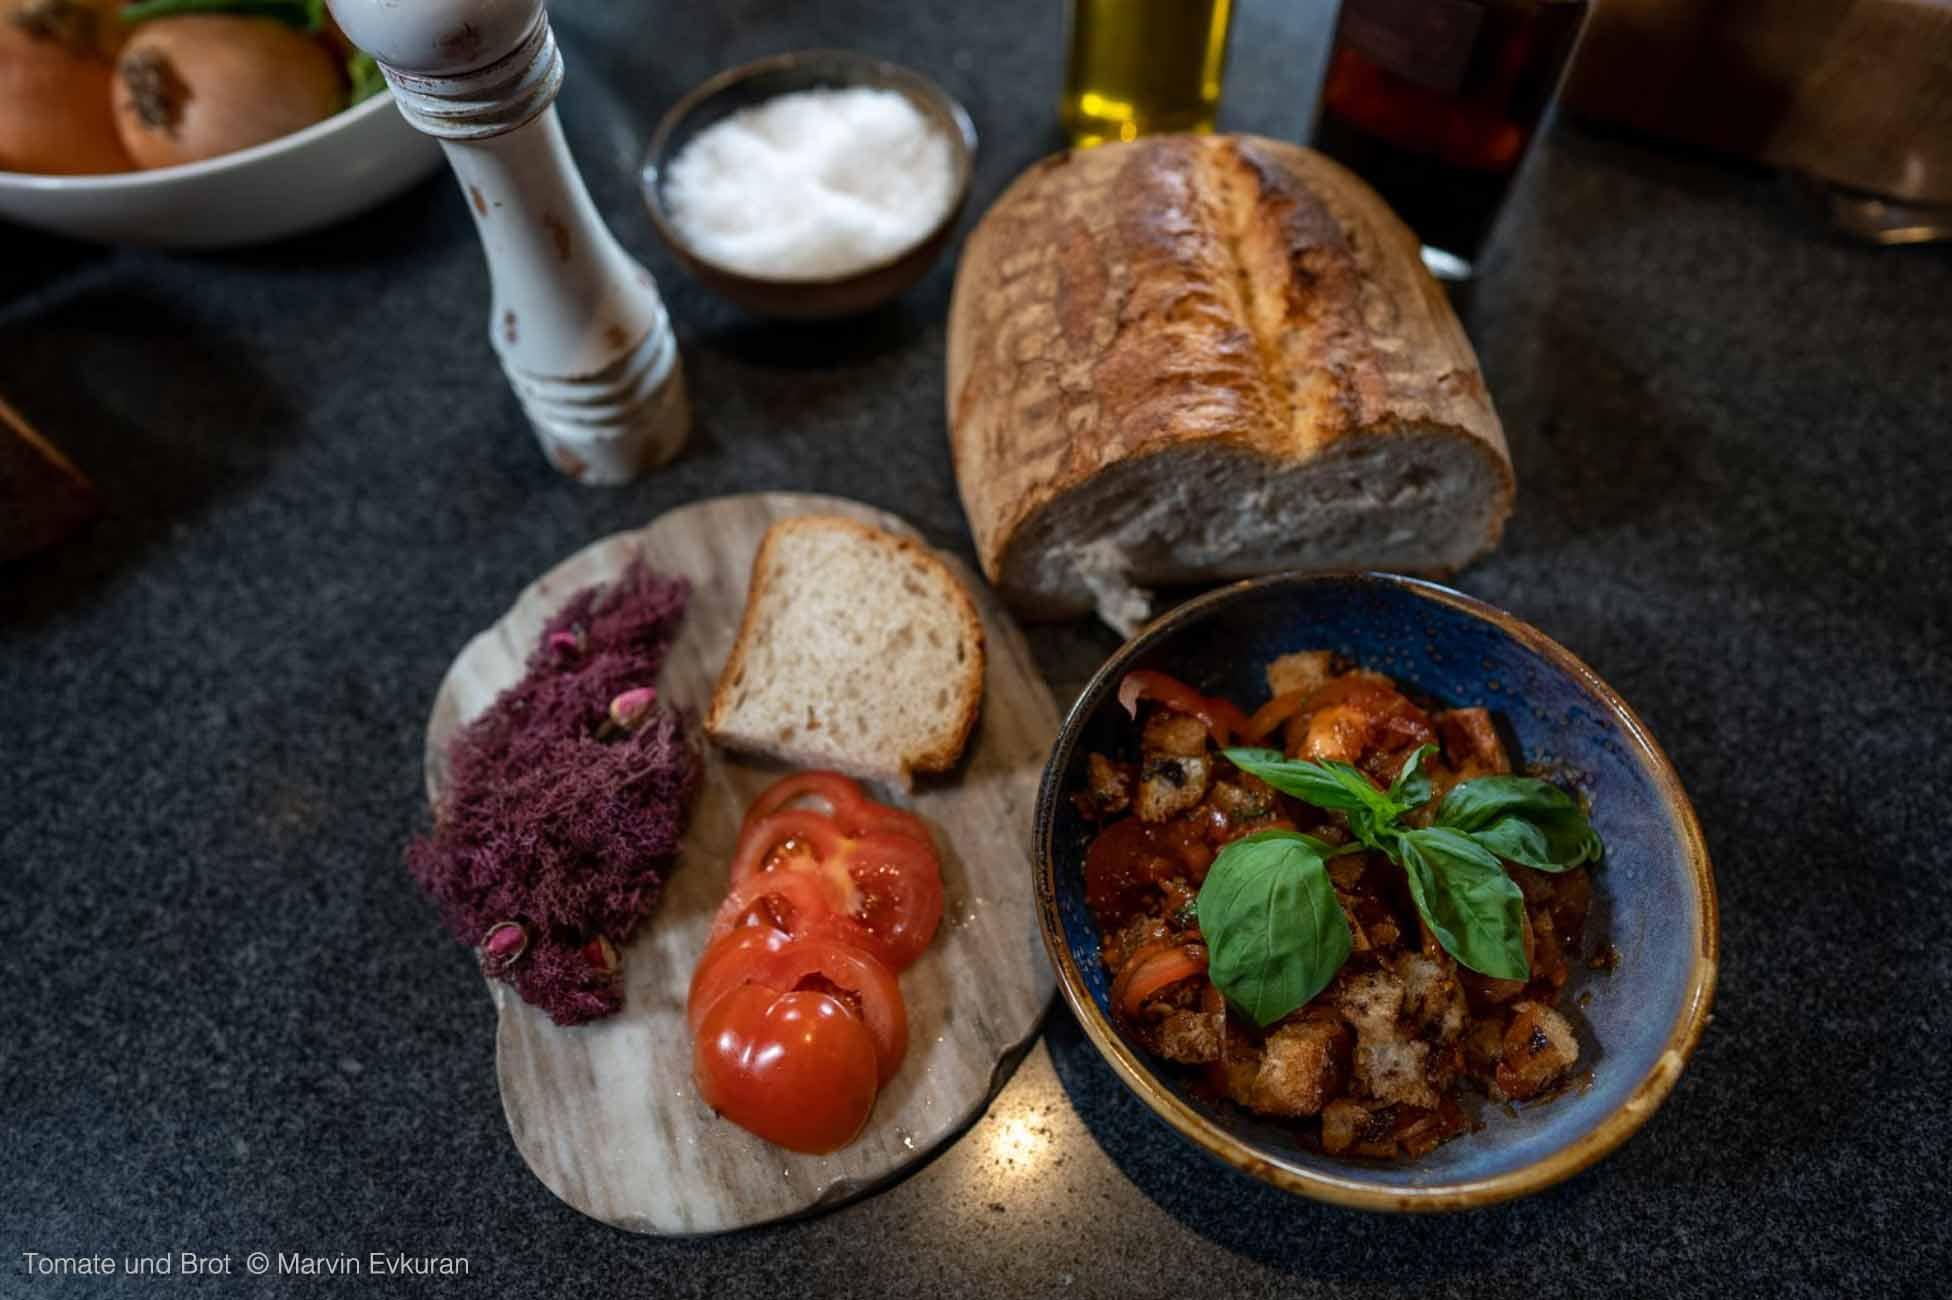 Tomate und Brot, ein Power Paar